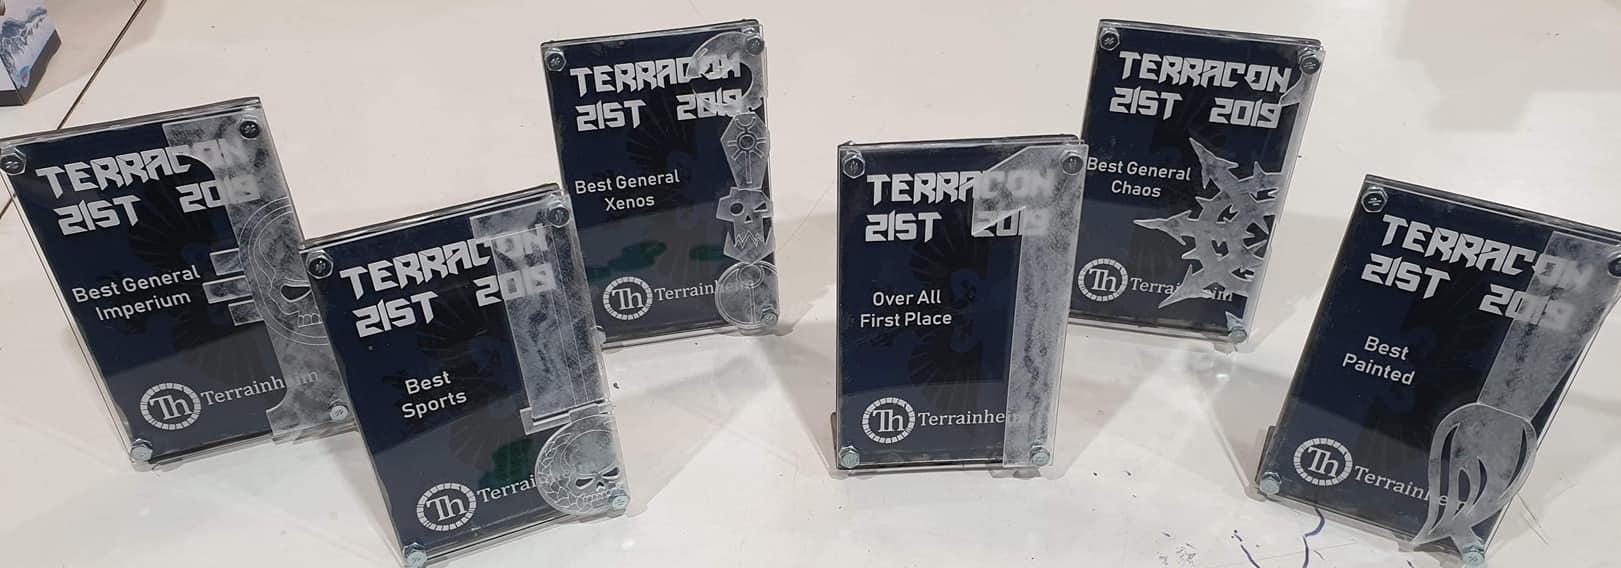 TerraconP3.jpg